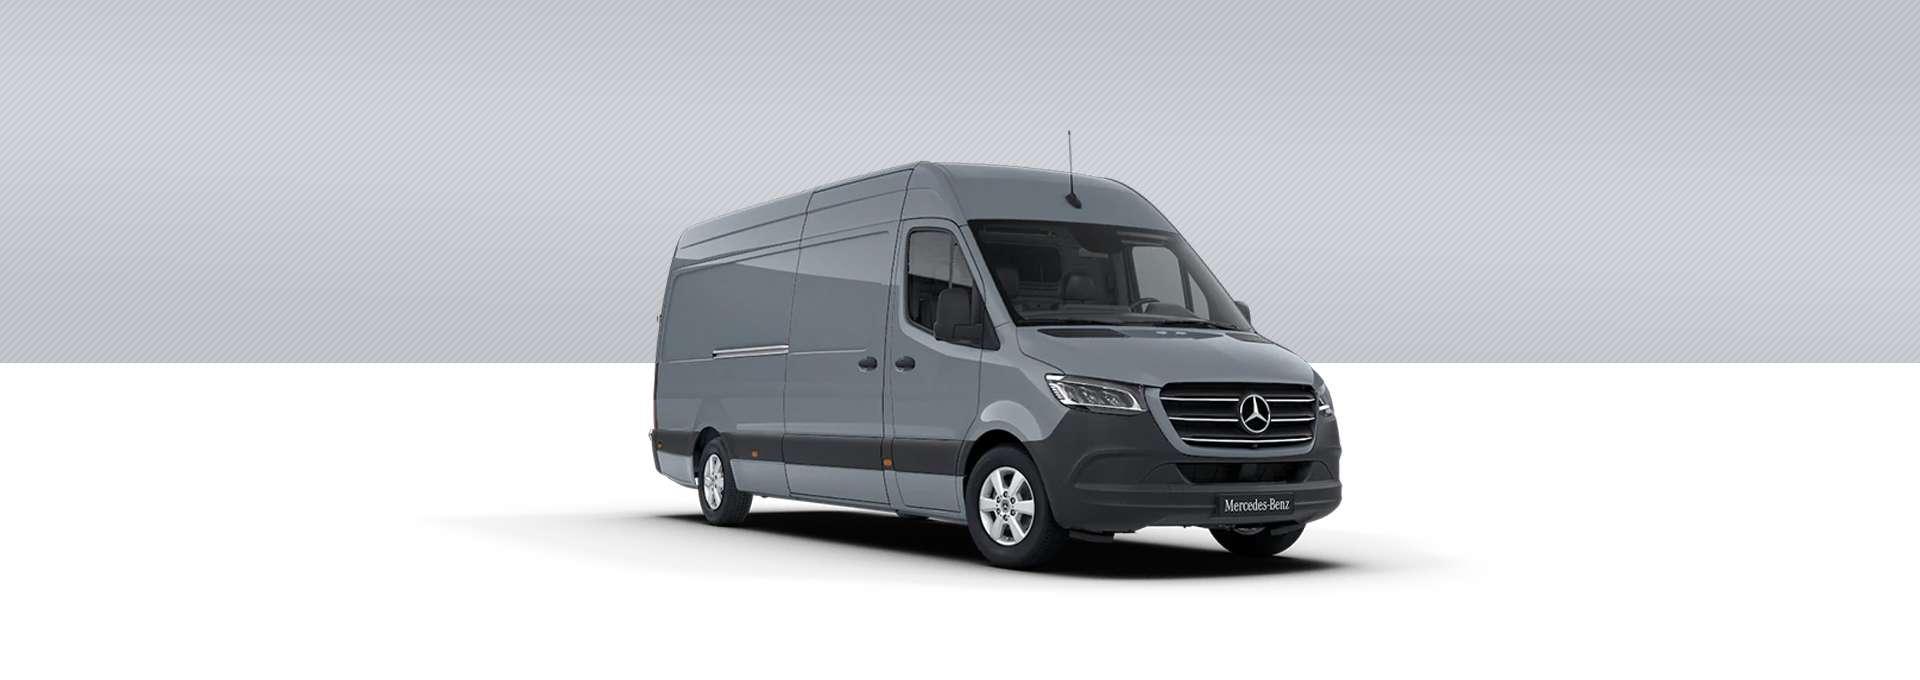 Mercedes Benz Sprinter Furgón